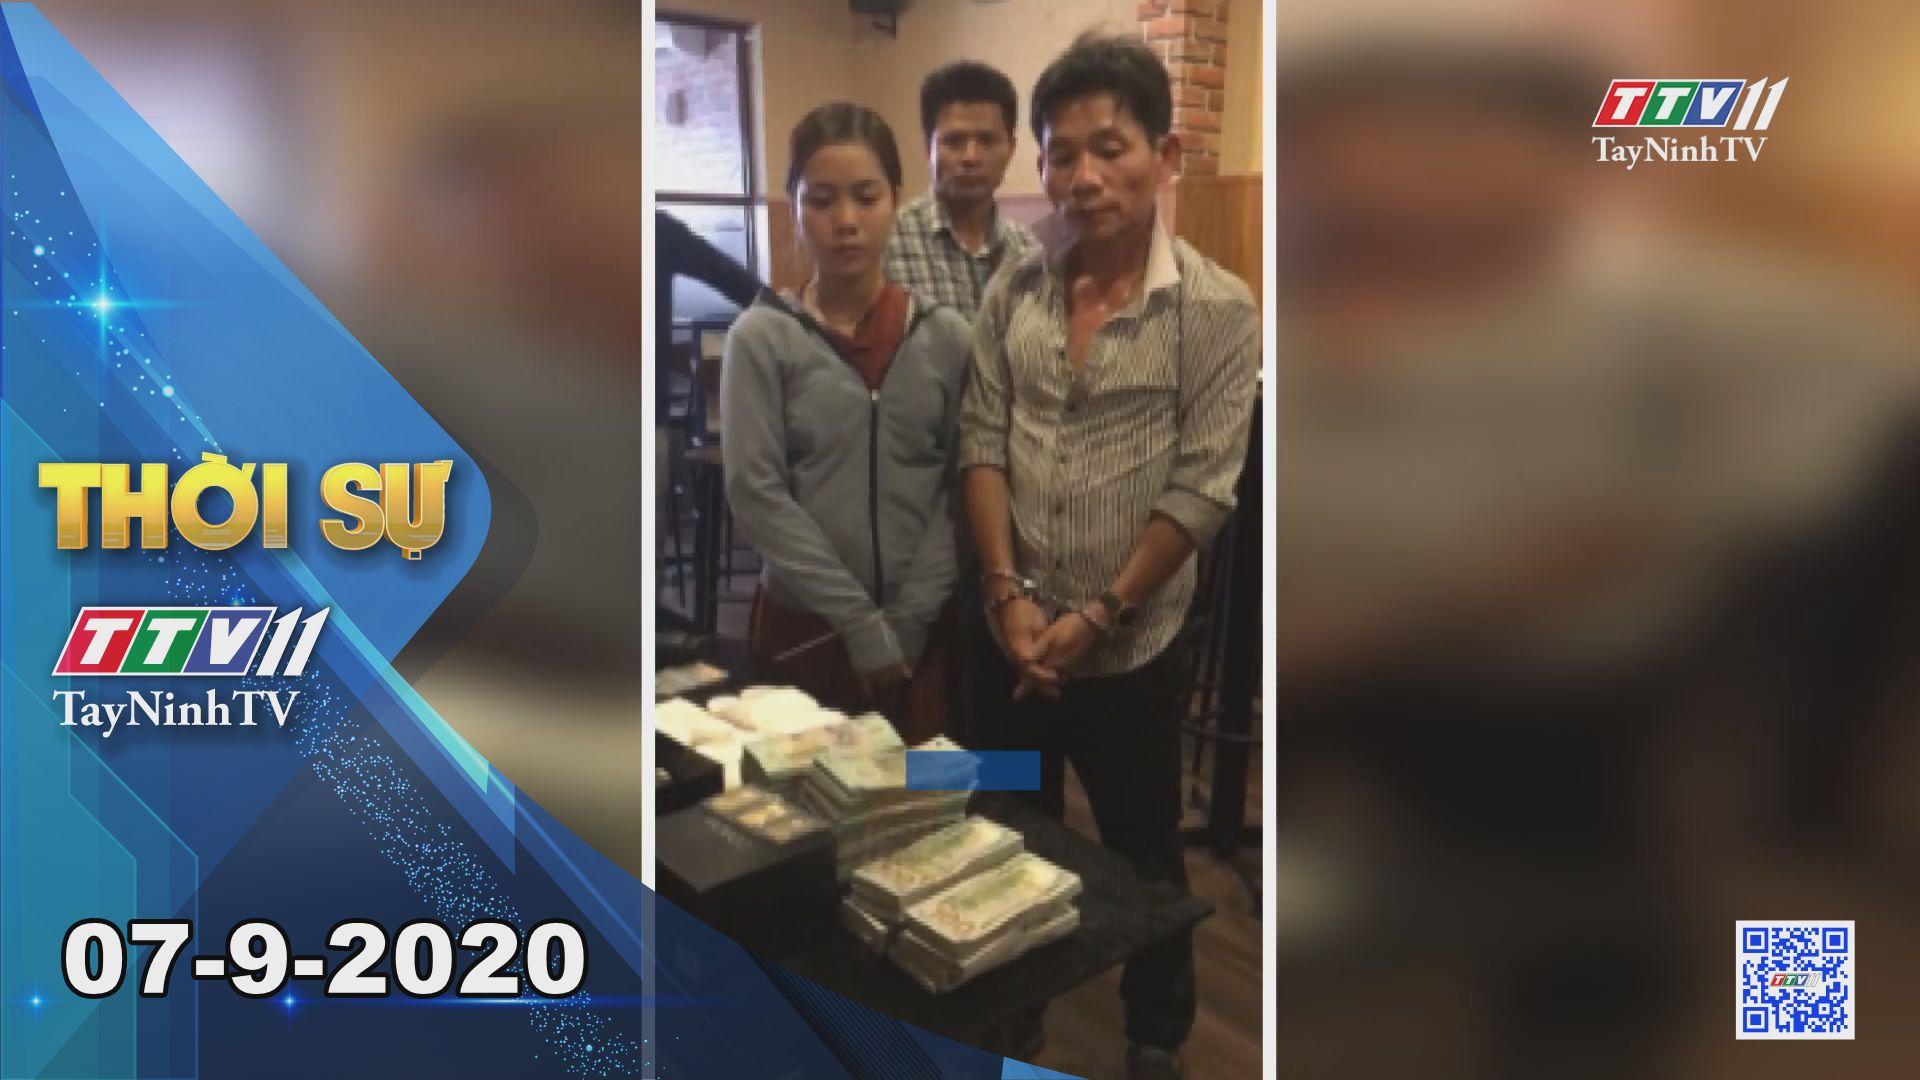 Thời sự Tây Ninh 07-9-2020 | Tin tức hôm nay | TayNinhTV